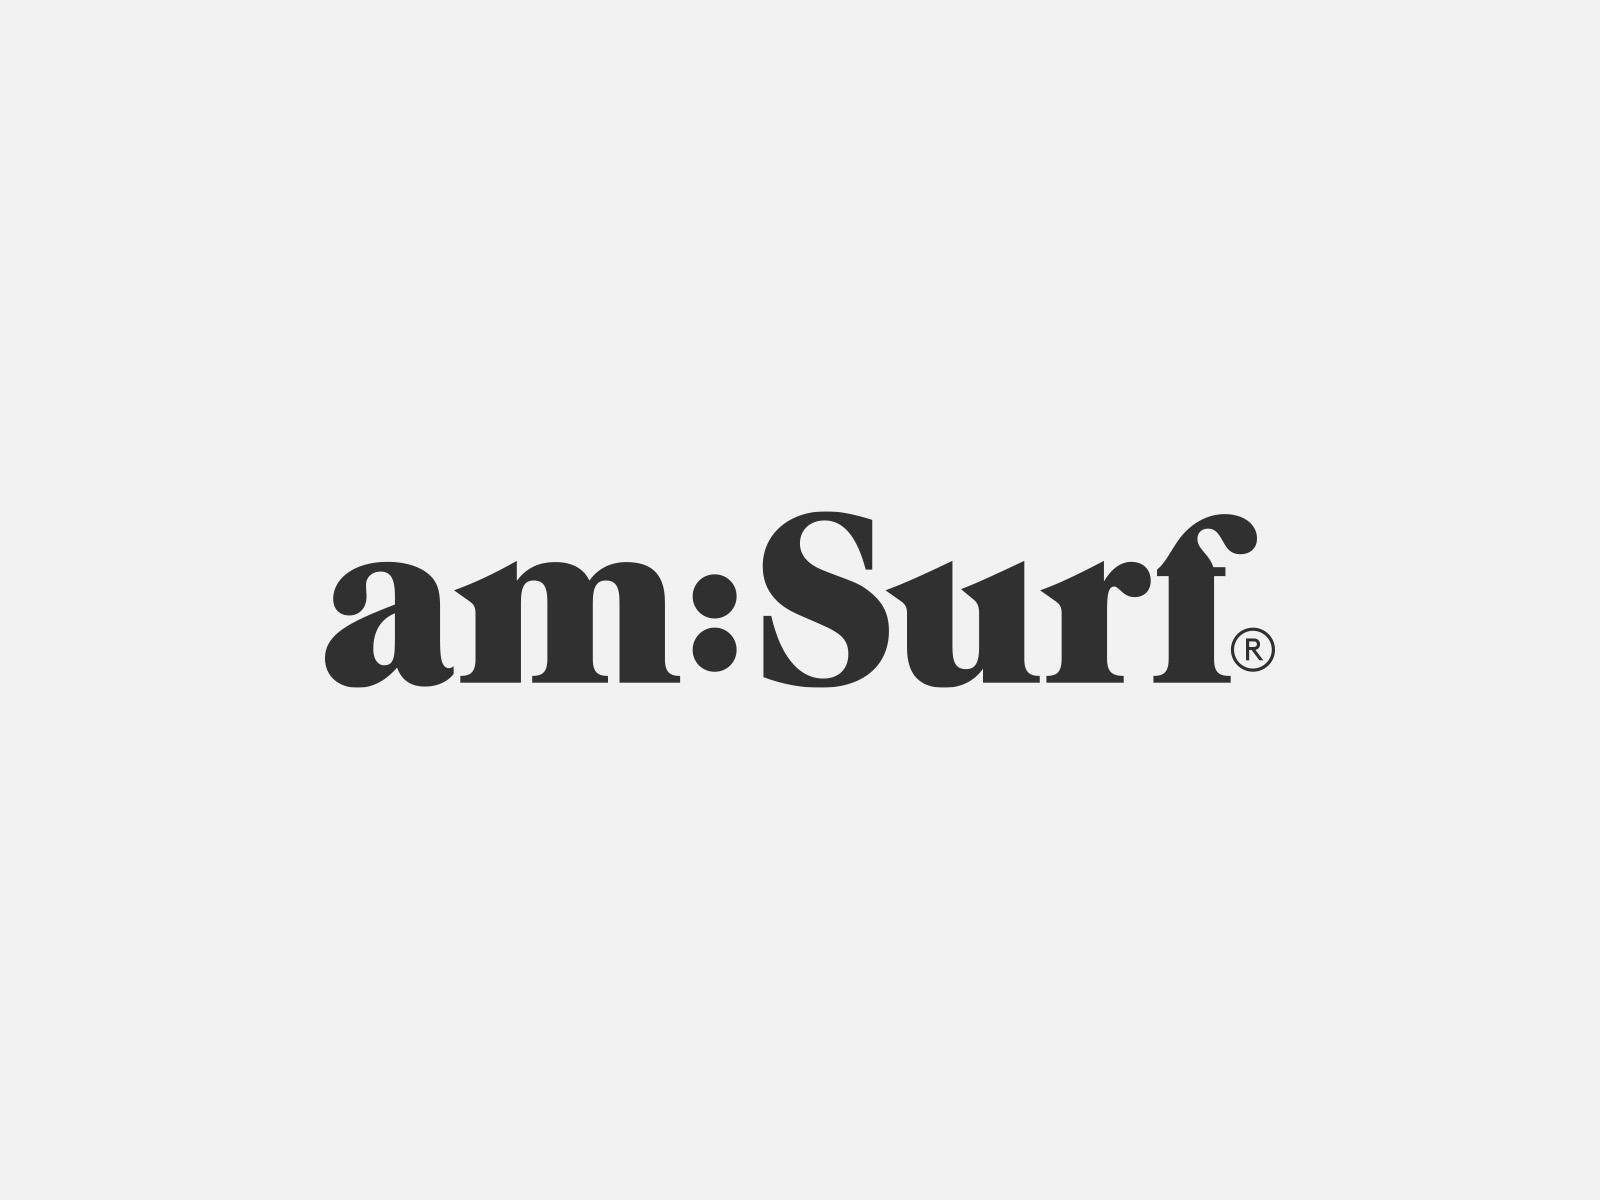 AM:SURF by Leo Burnett Design